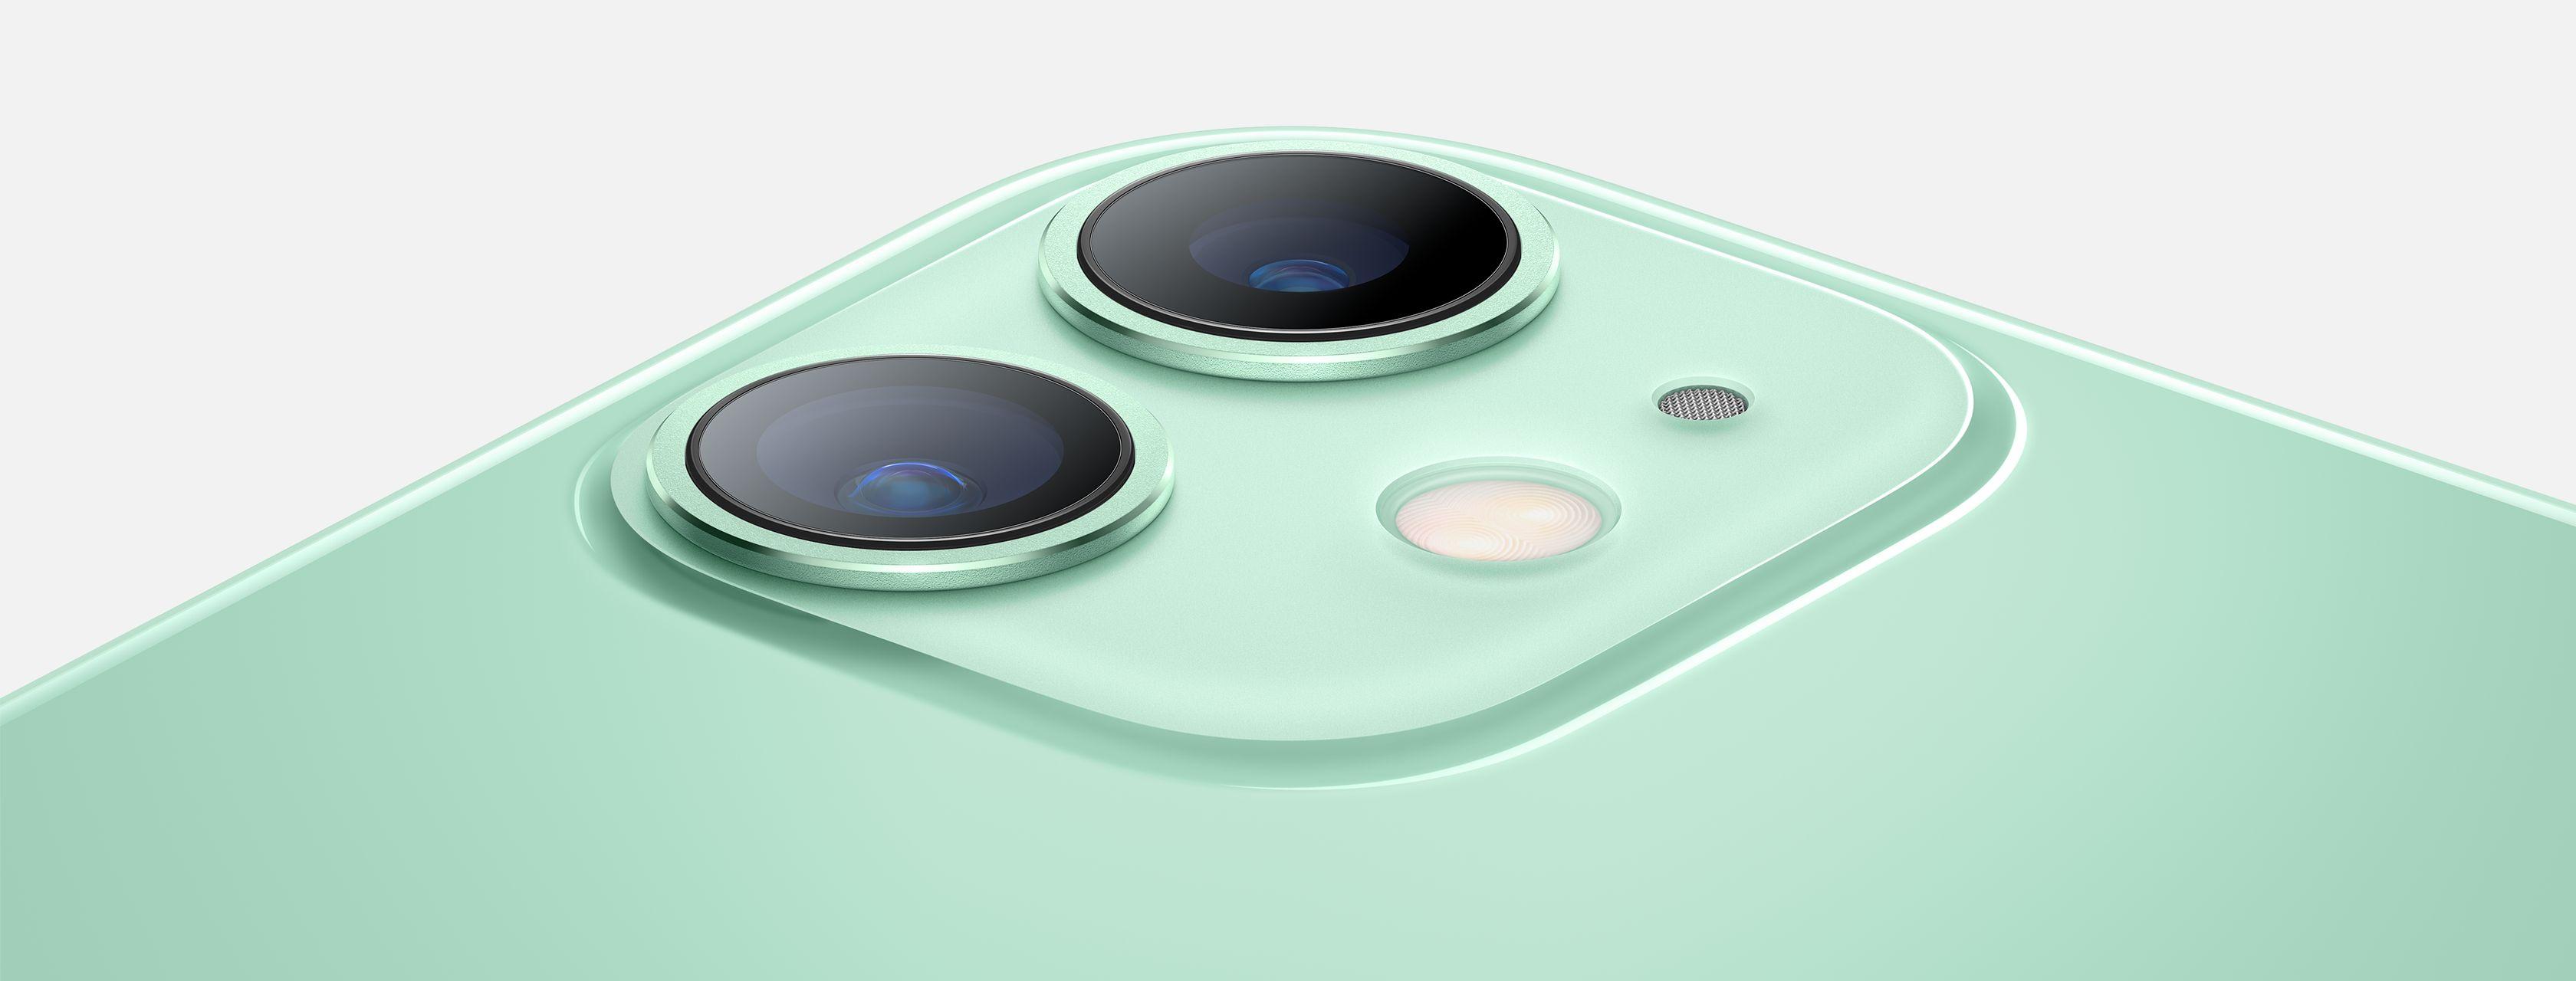 iPhone 11 cámara dual